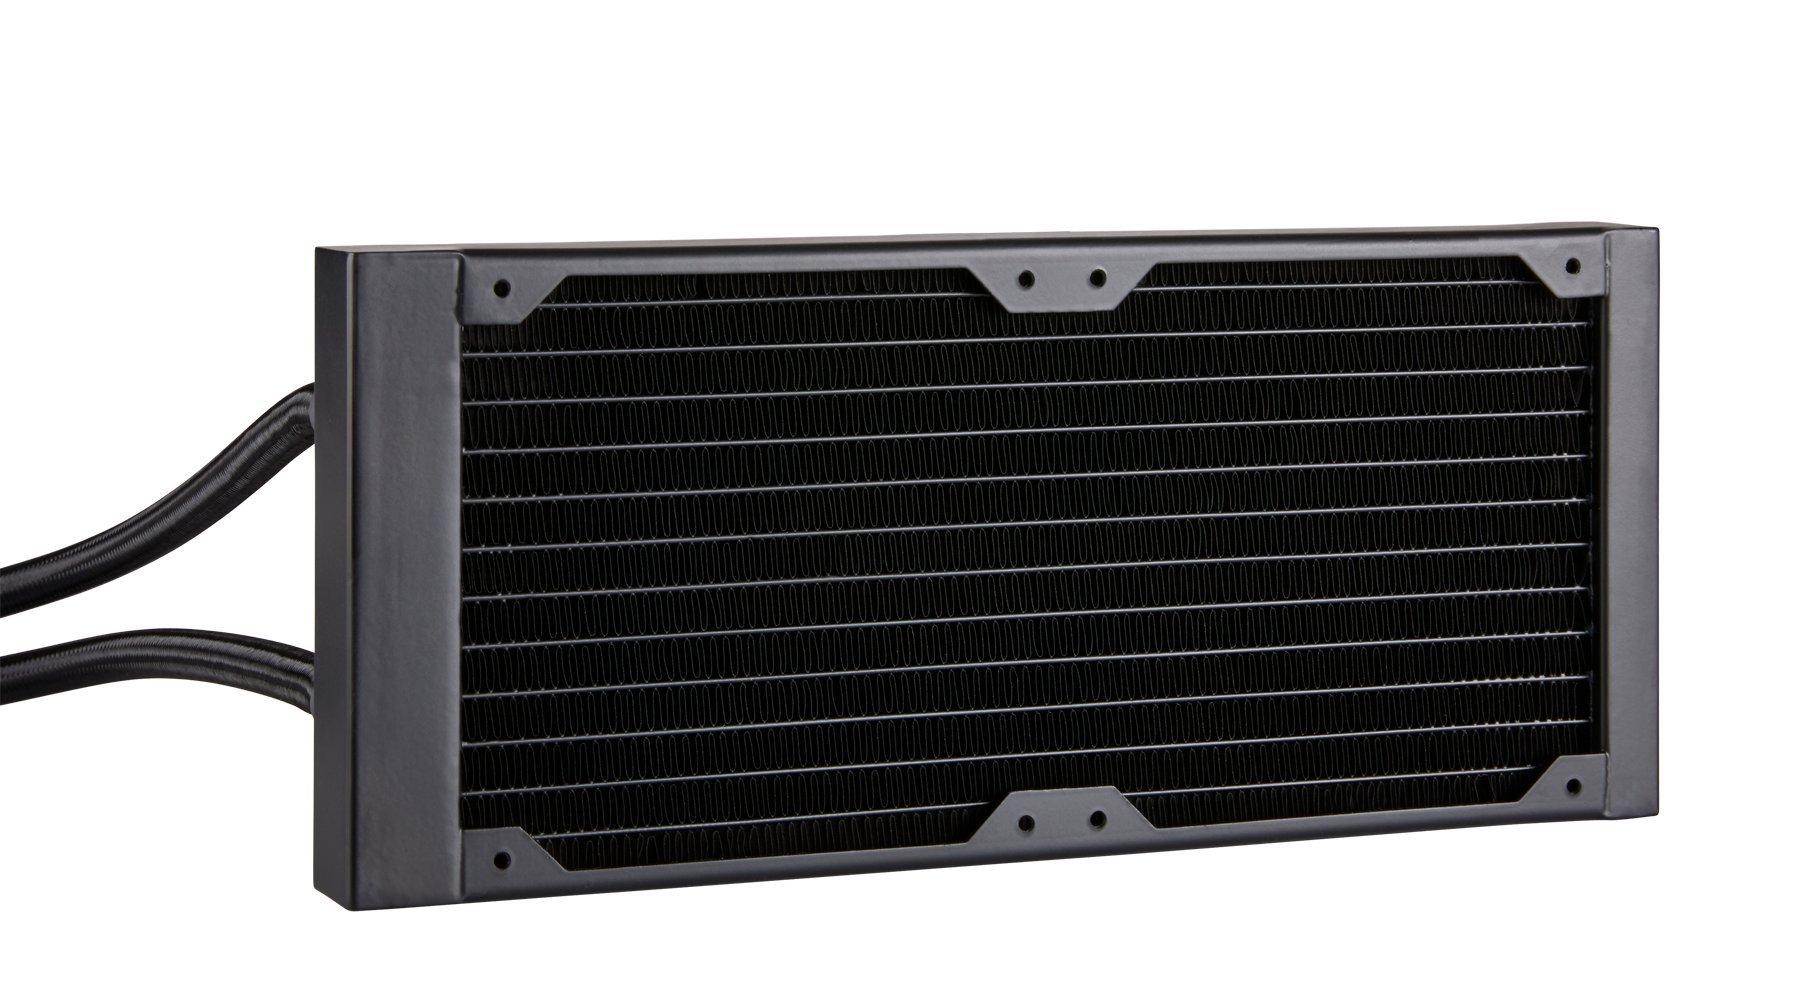 CORSAIR HYDRO Series H100i PRO RGB AIO Liquid CPU Cooler, 240mm, Dual ML120 PWM Fans, Intel 115x/2066, AMD AM4 by Corsair (Image #13)